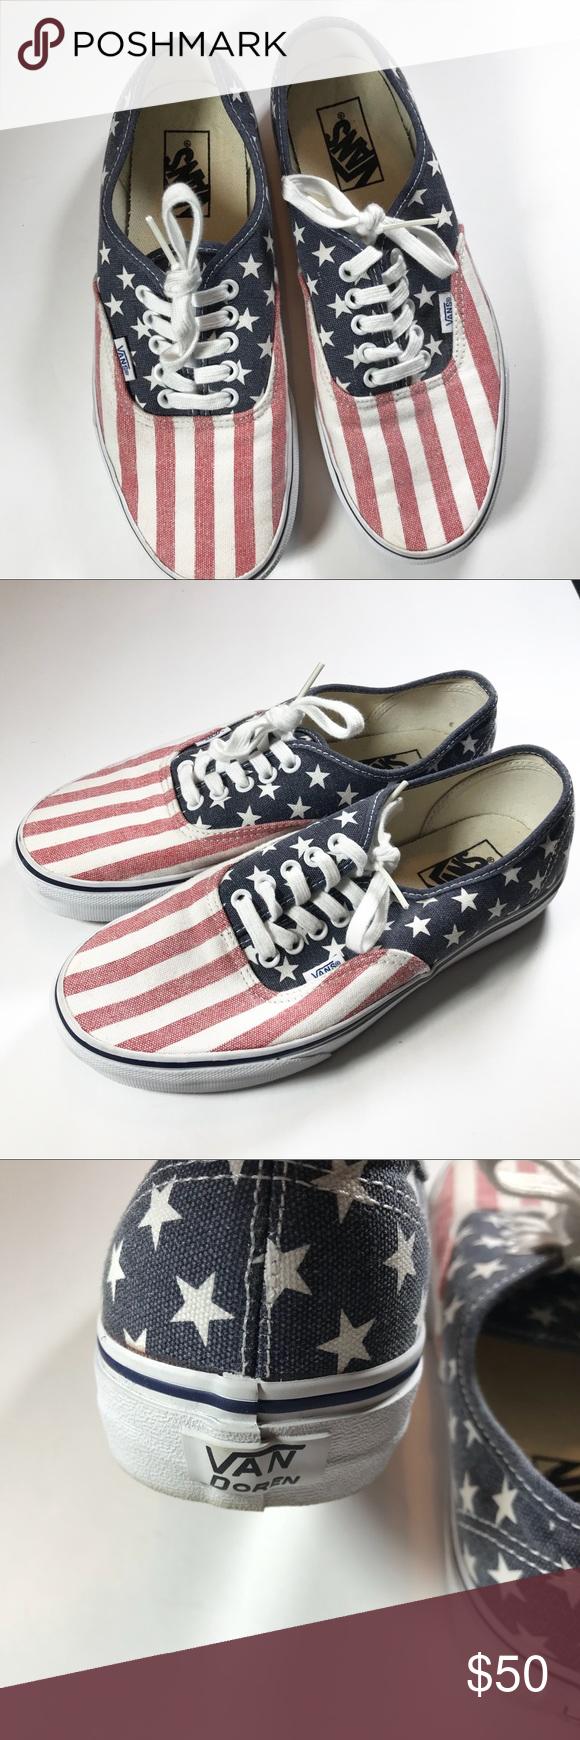 3c60317cbf Vans Van Doren Stars   Stripes American flag shoes Vans Van Doren Stars and Stripes  Shoes